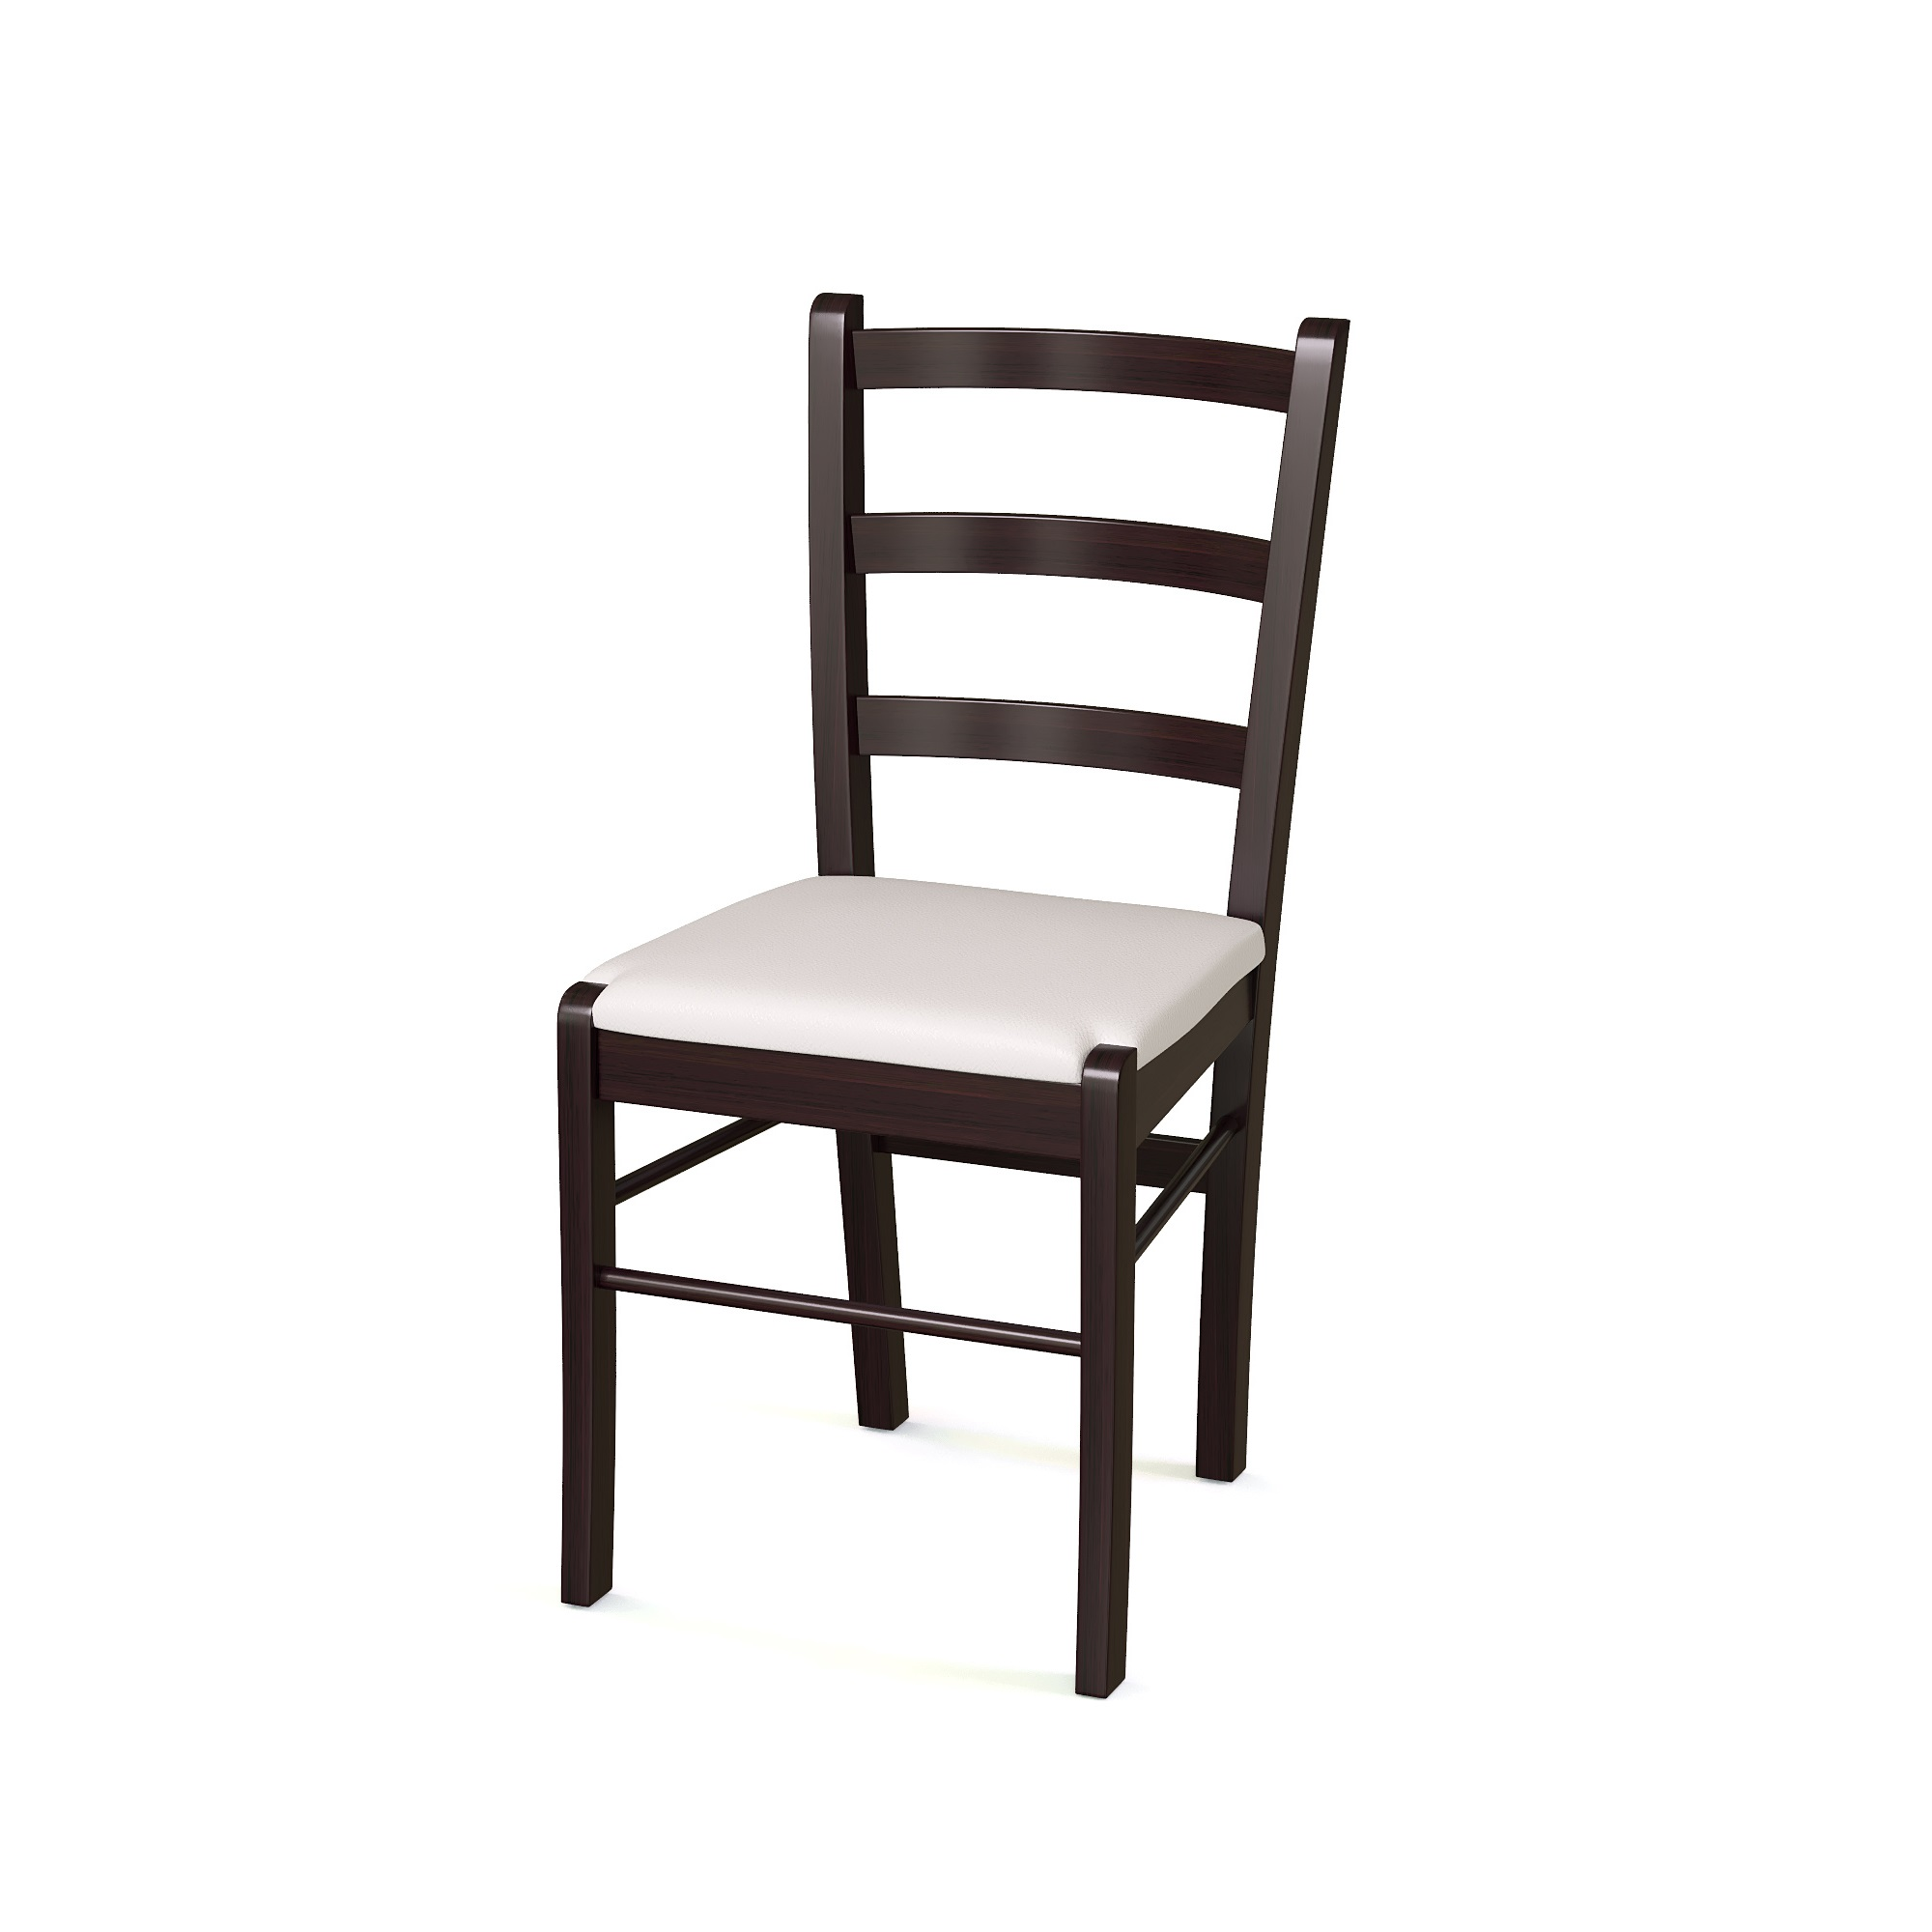 Стул PavlaОбеденные стулья<br>Высота от пола до сиденья 46 см.<br><br>Material: Экокожа<br>Width см: 45<br>Depth см: 47<br>Height см: 93